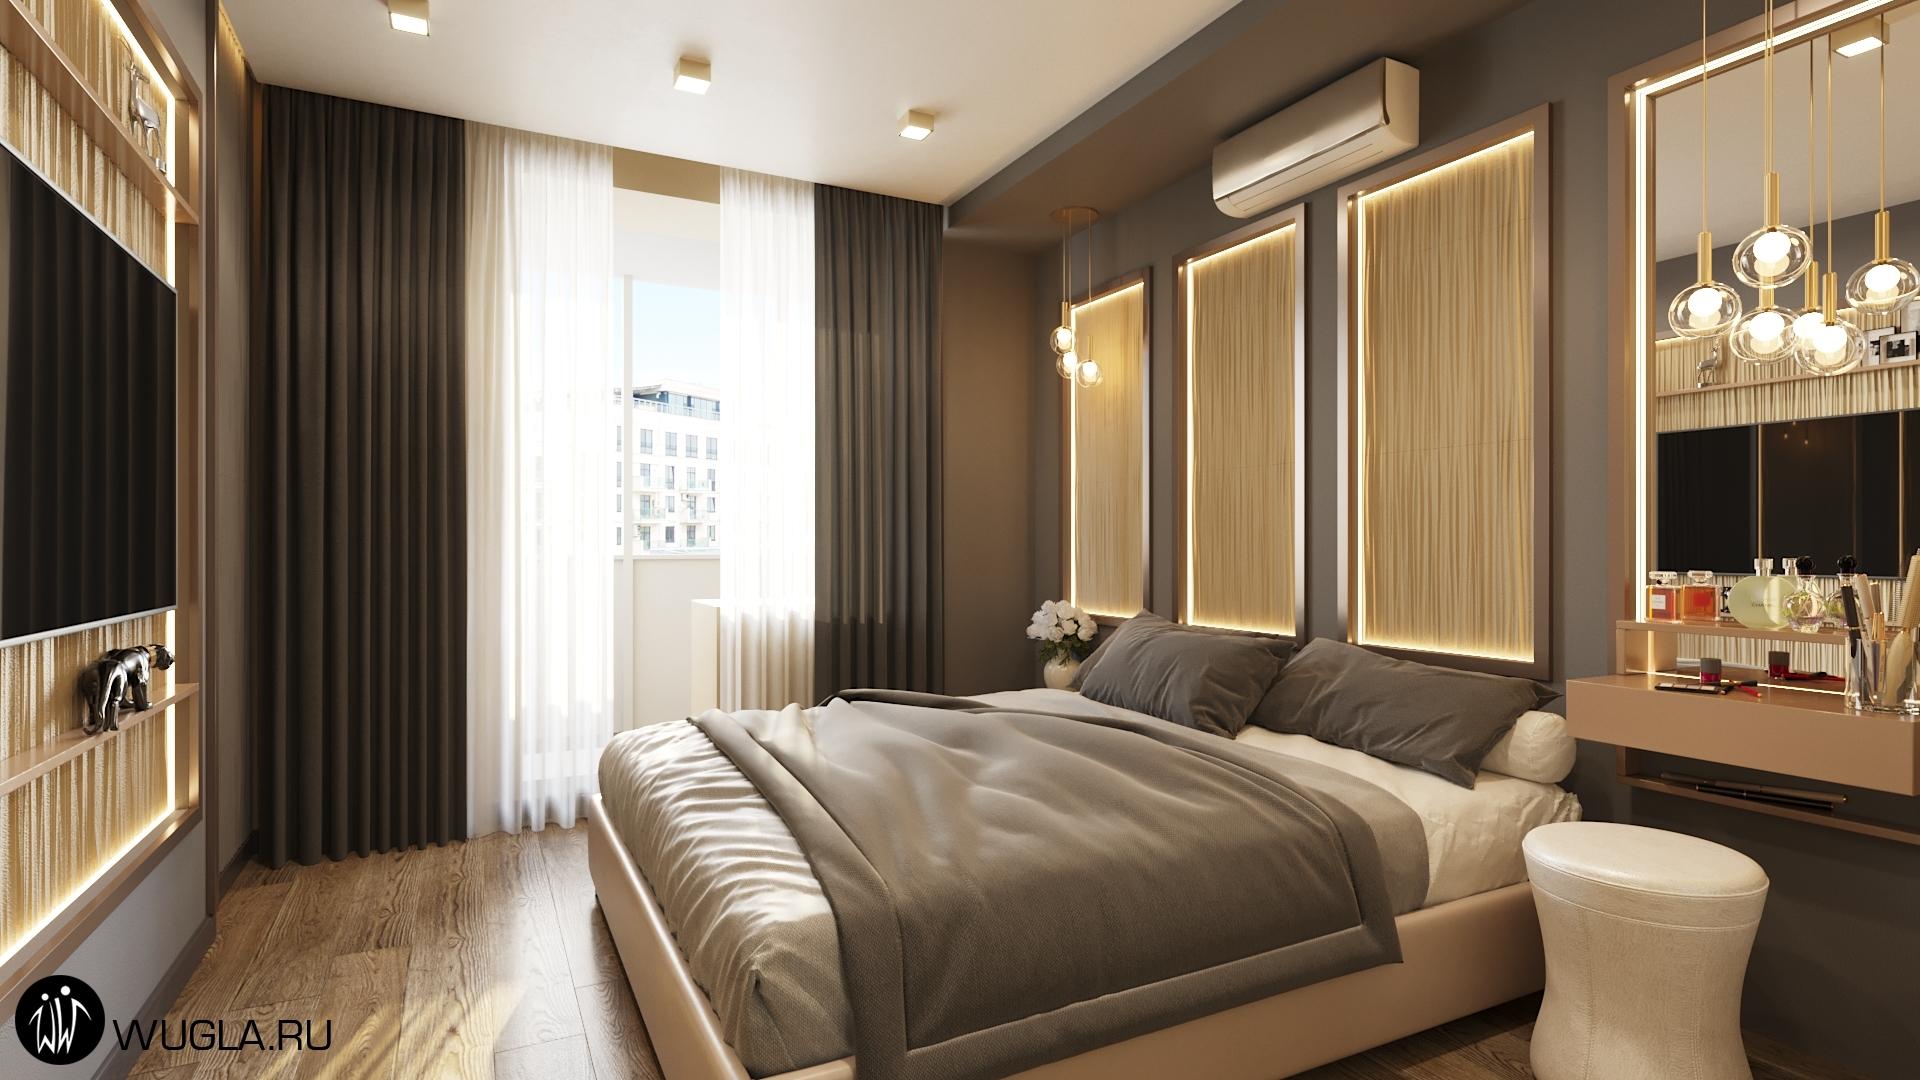 ЖК Мытищи Lite, Дизайн спальни.